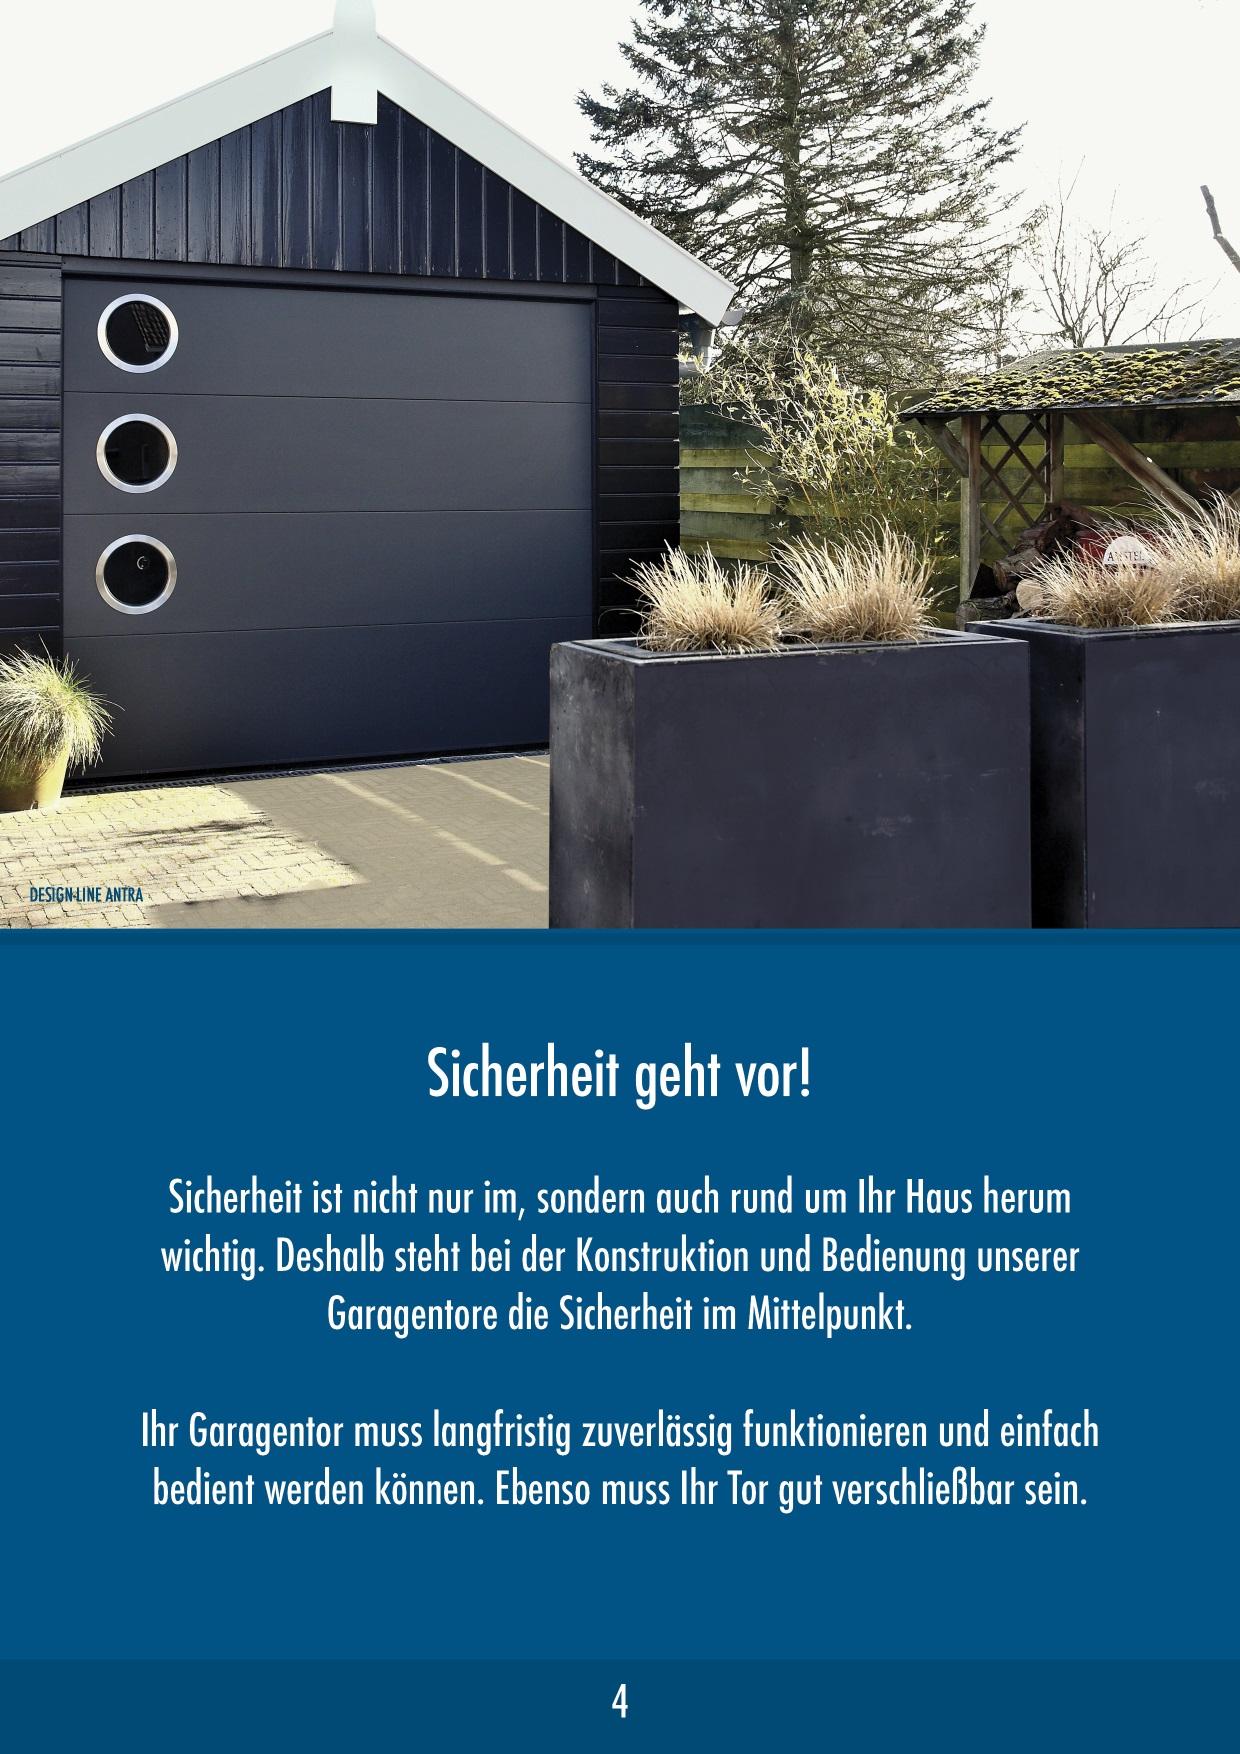 garagentore rolltore sektionaltore garagentore brandschutztore reparatur m nchengladbach nrw. Black Bedroom Furniture Sets. Home Design Ideas